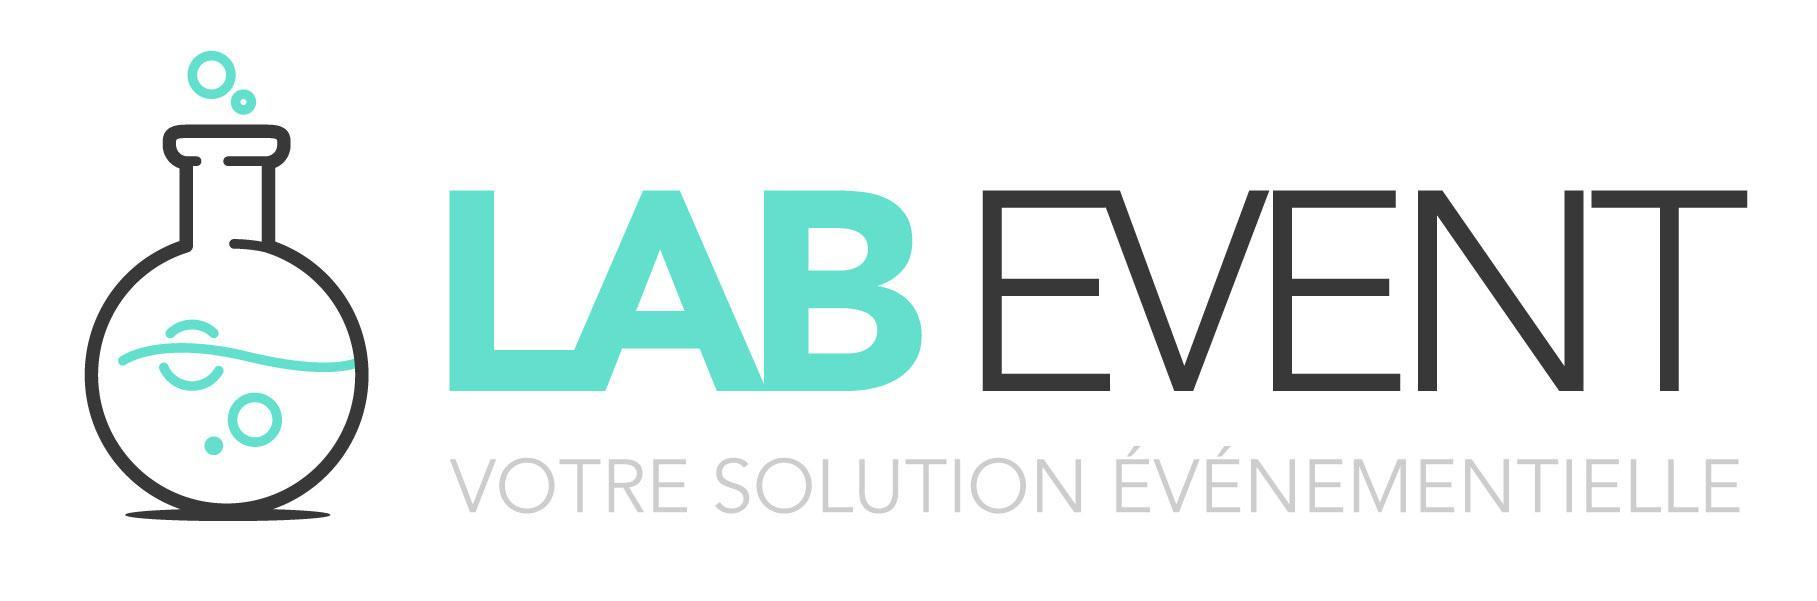 Avis LAB EVENT : Le premier logiciel pour organiser  vos événements de A à Z - Appvizer